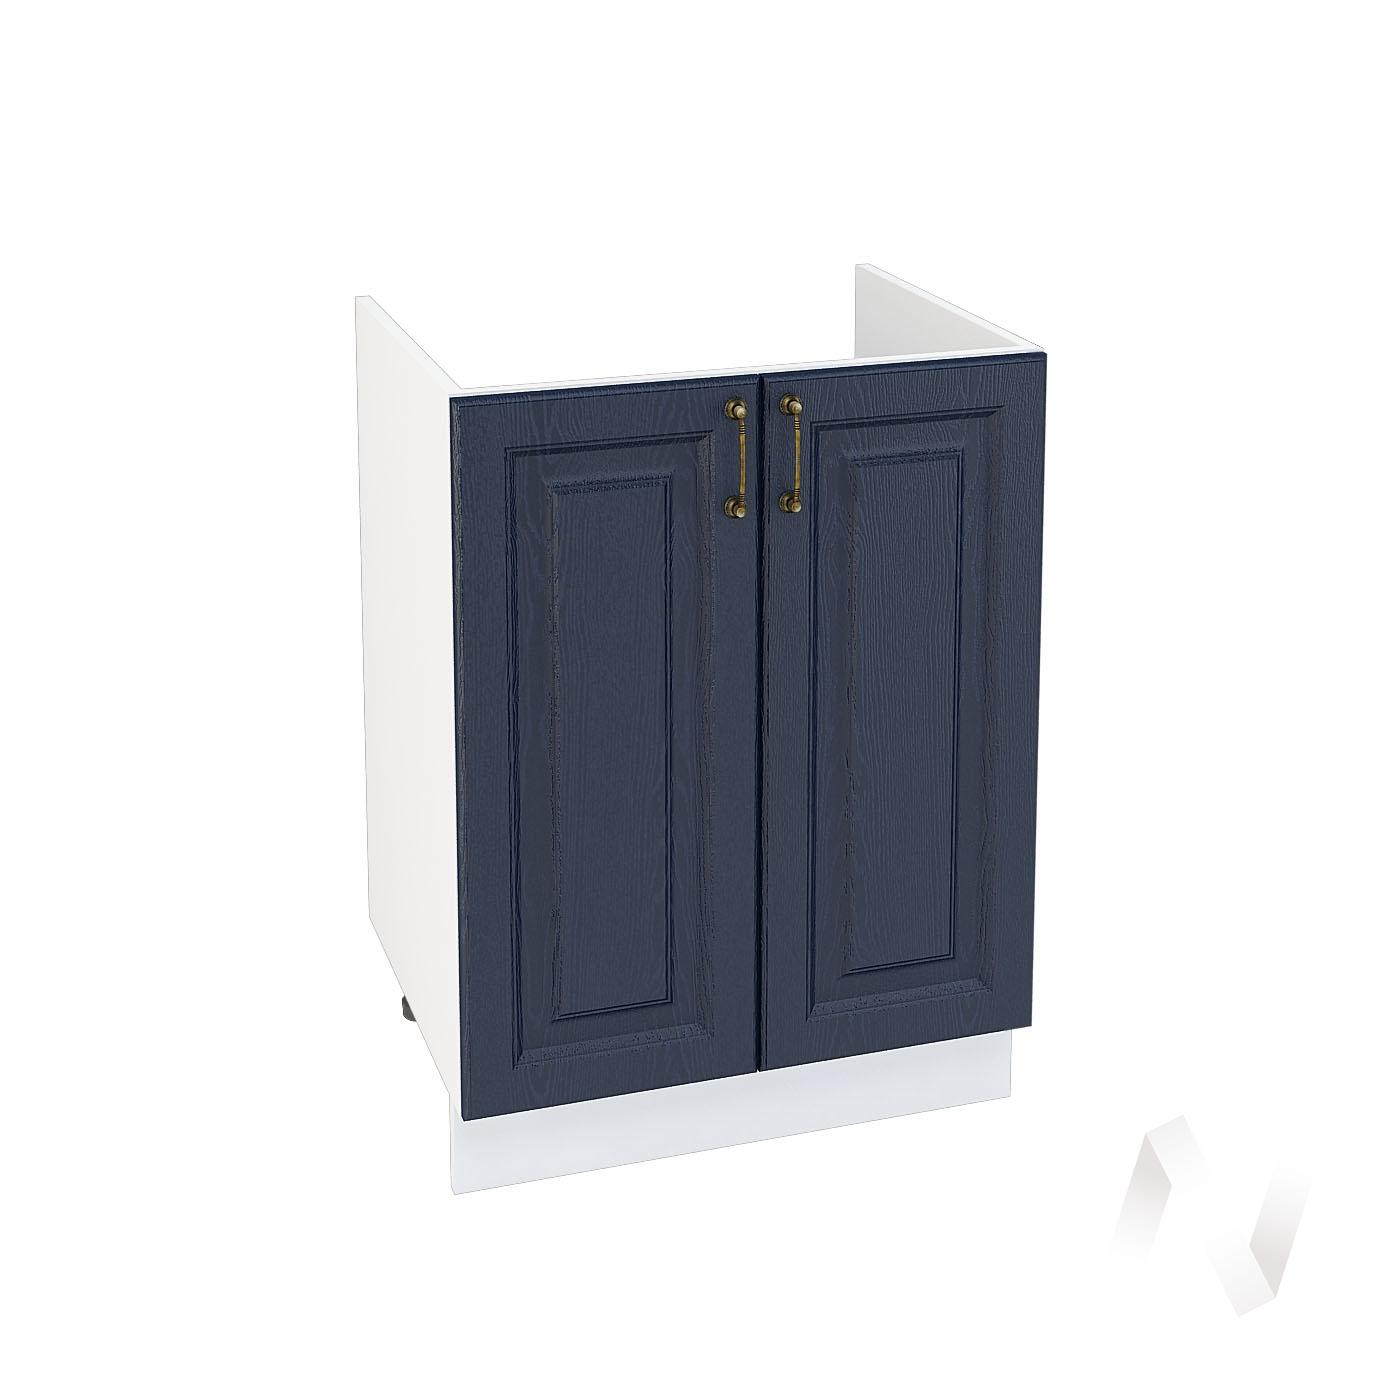 """Кухня """"Ницца"""": Шкаф нижний под мойку 600, ШНМ 600 (Дуб чернильный/корпус белый)"""